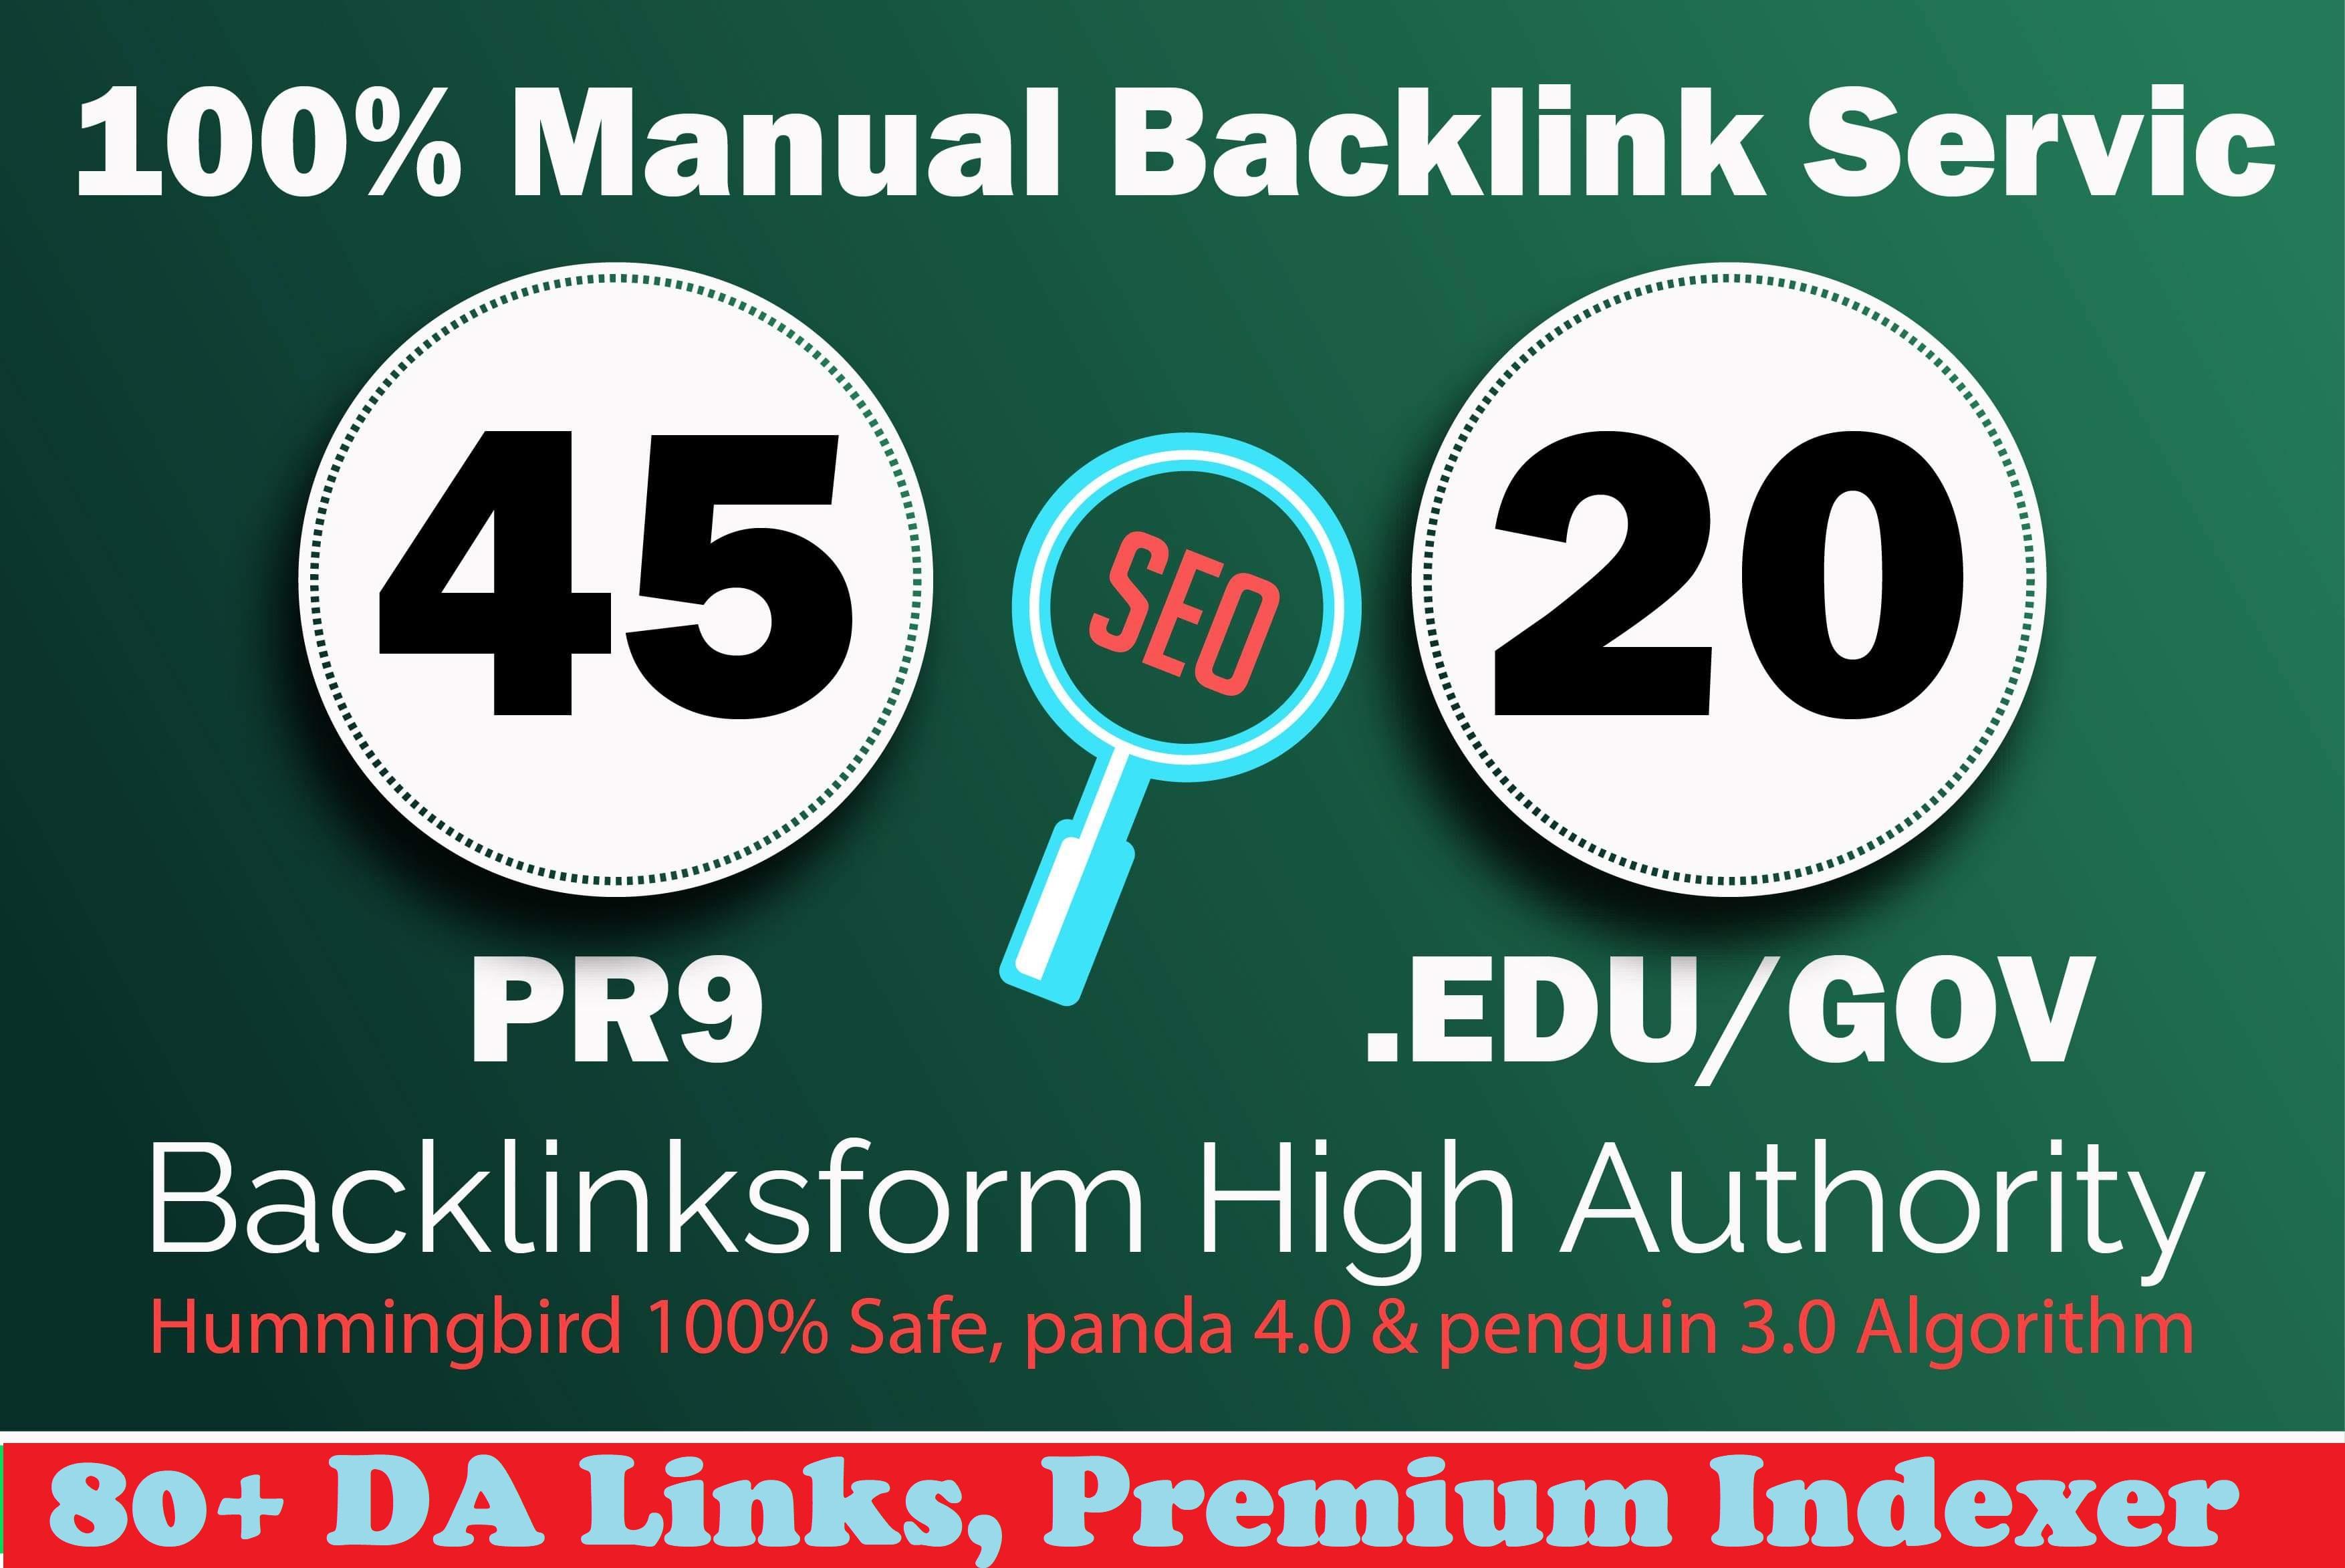 Manually do 45 PR9 +20 EDU/GOV 80+ DA Safe SEO Trust Authority panda penguin safe Backlinks